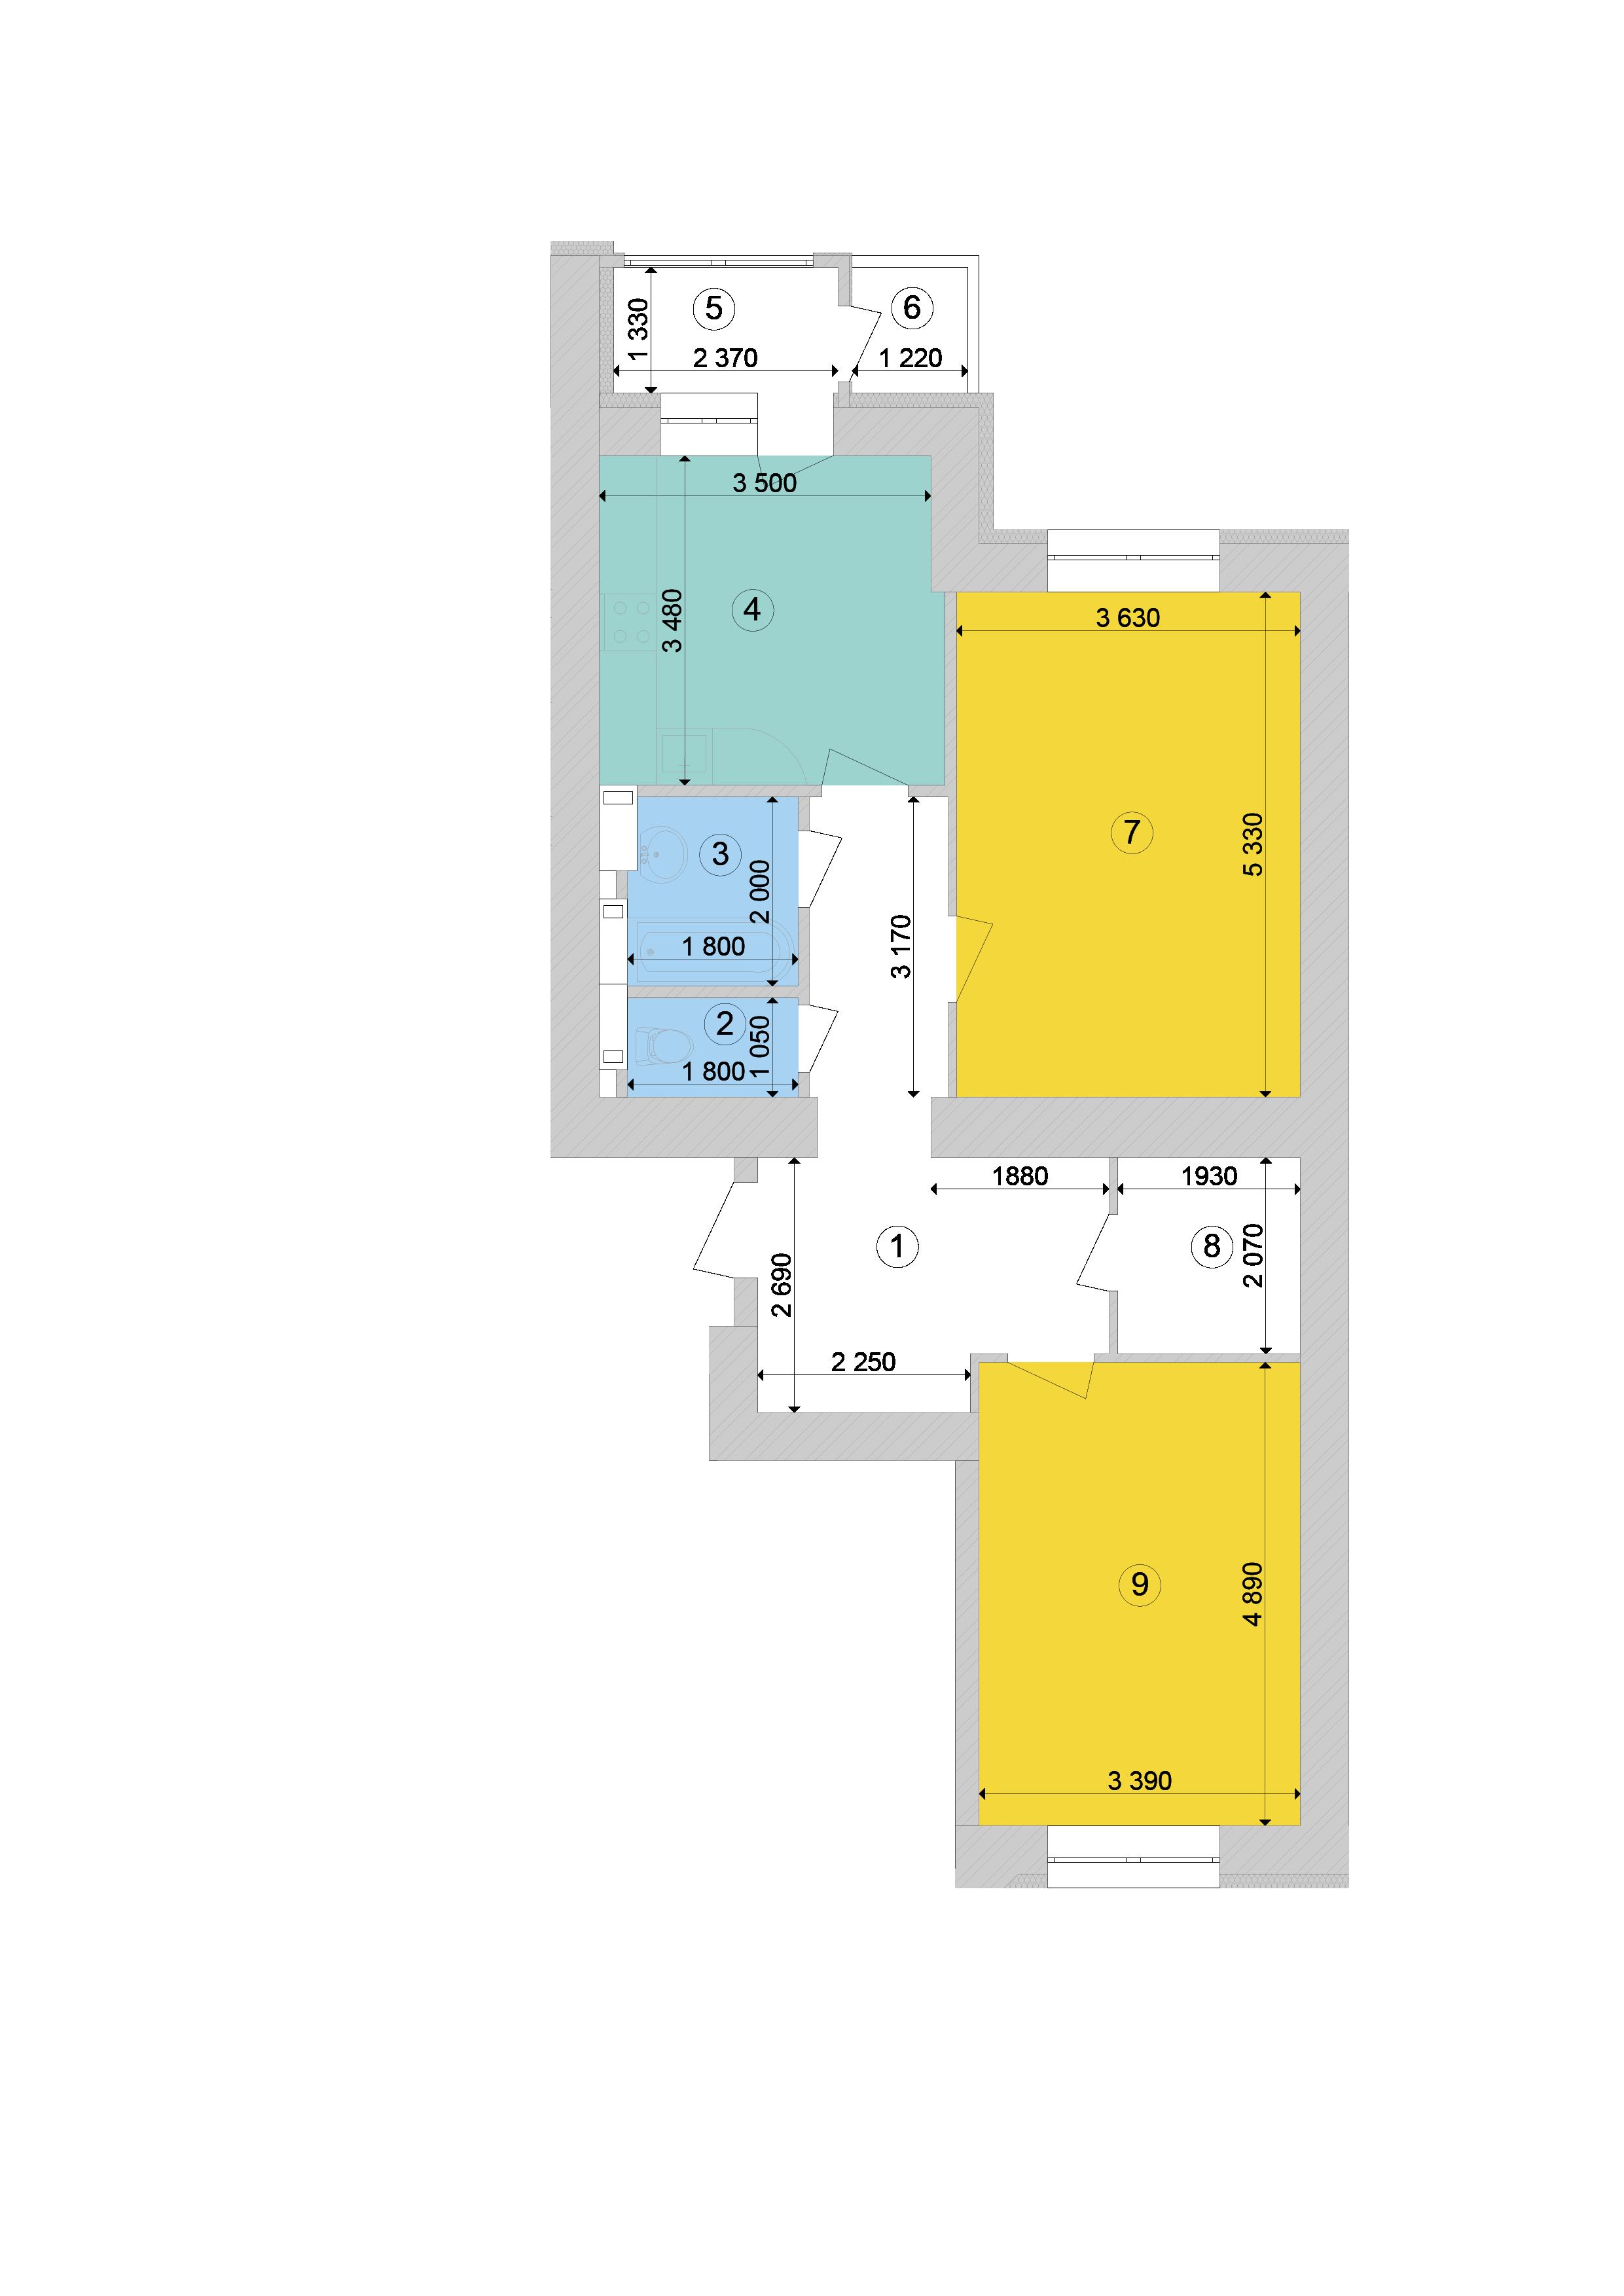 Купити Двокімнатна квартира 73,86 кв.м., тип 2.3, будинок 1, секція 8 в Києві Голосіївський район